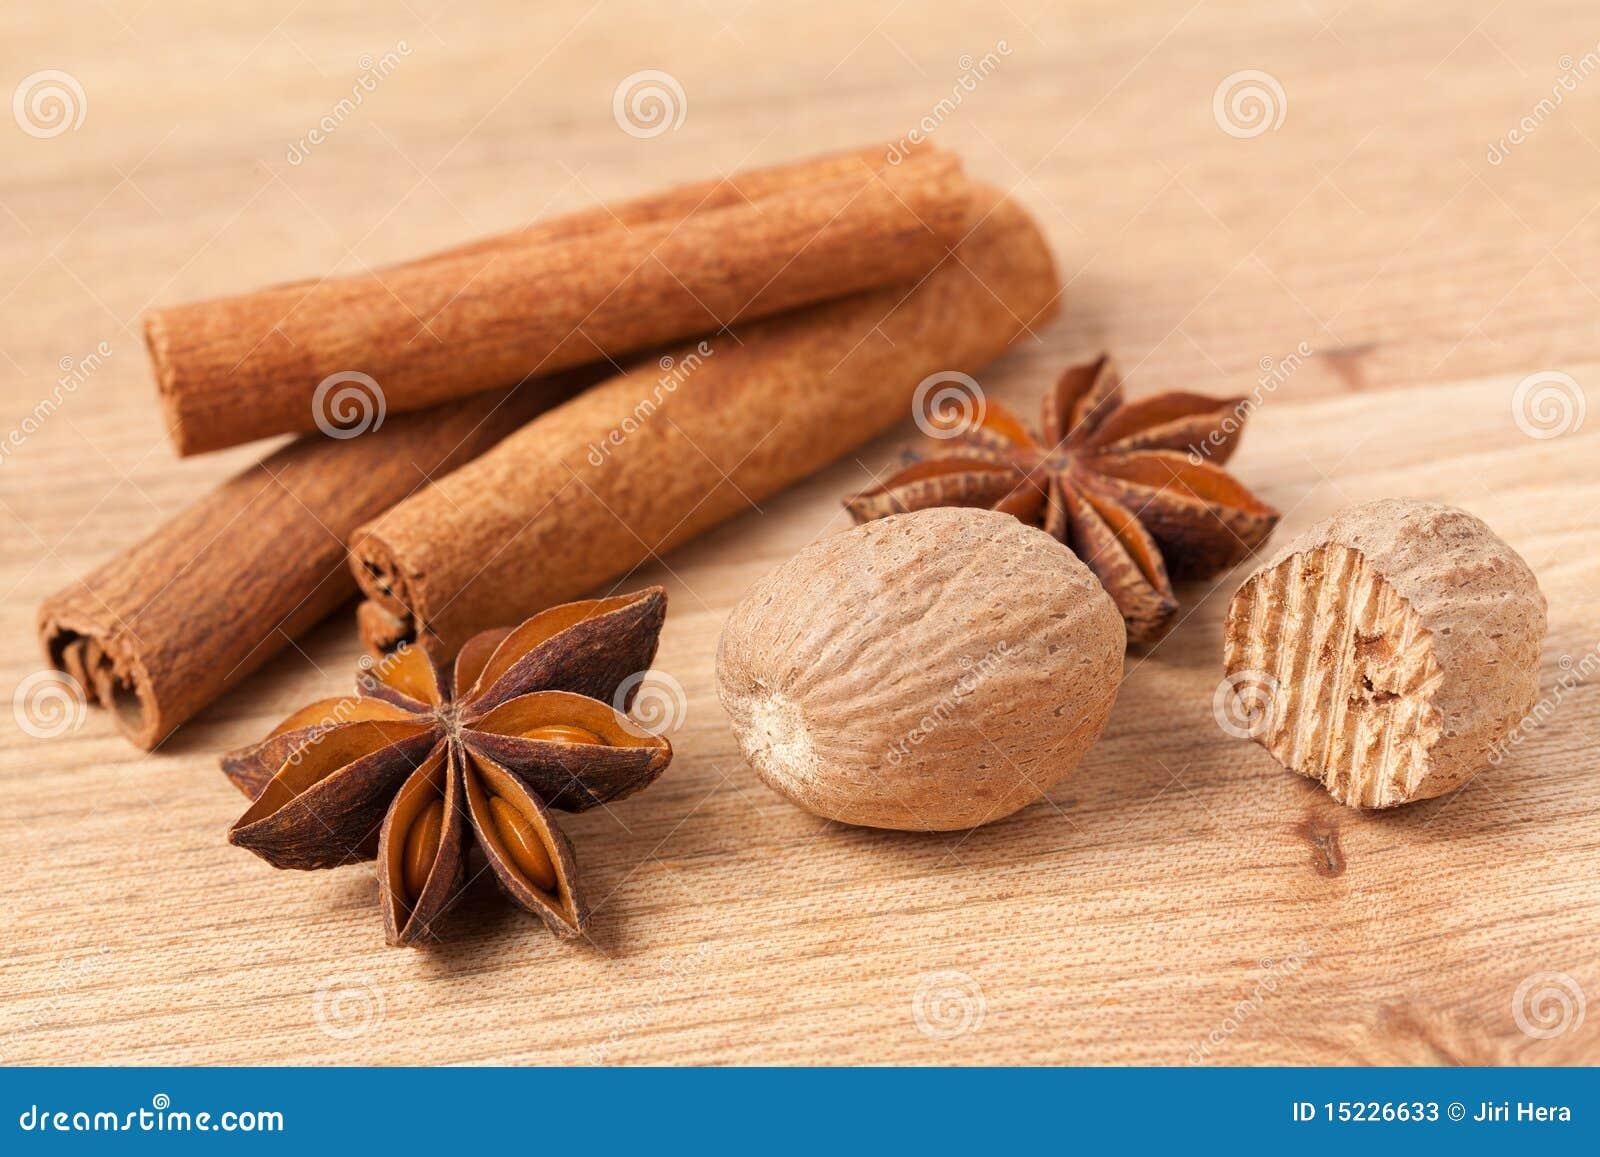 Cannelle anis et noix de muscade image stock image - Noix de muscade cuisine ...